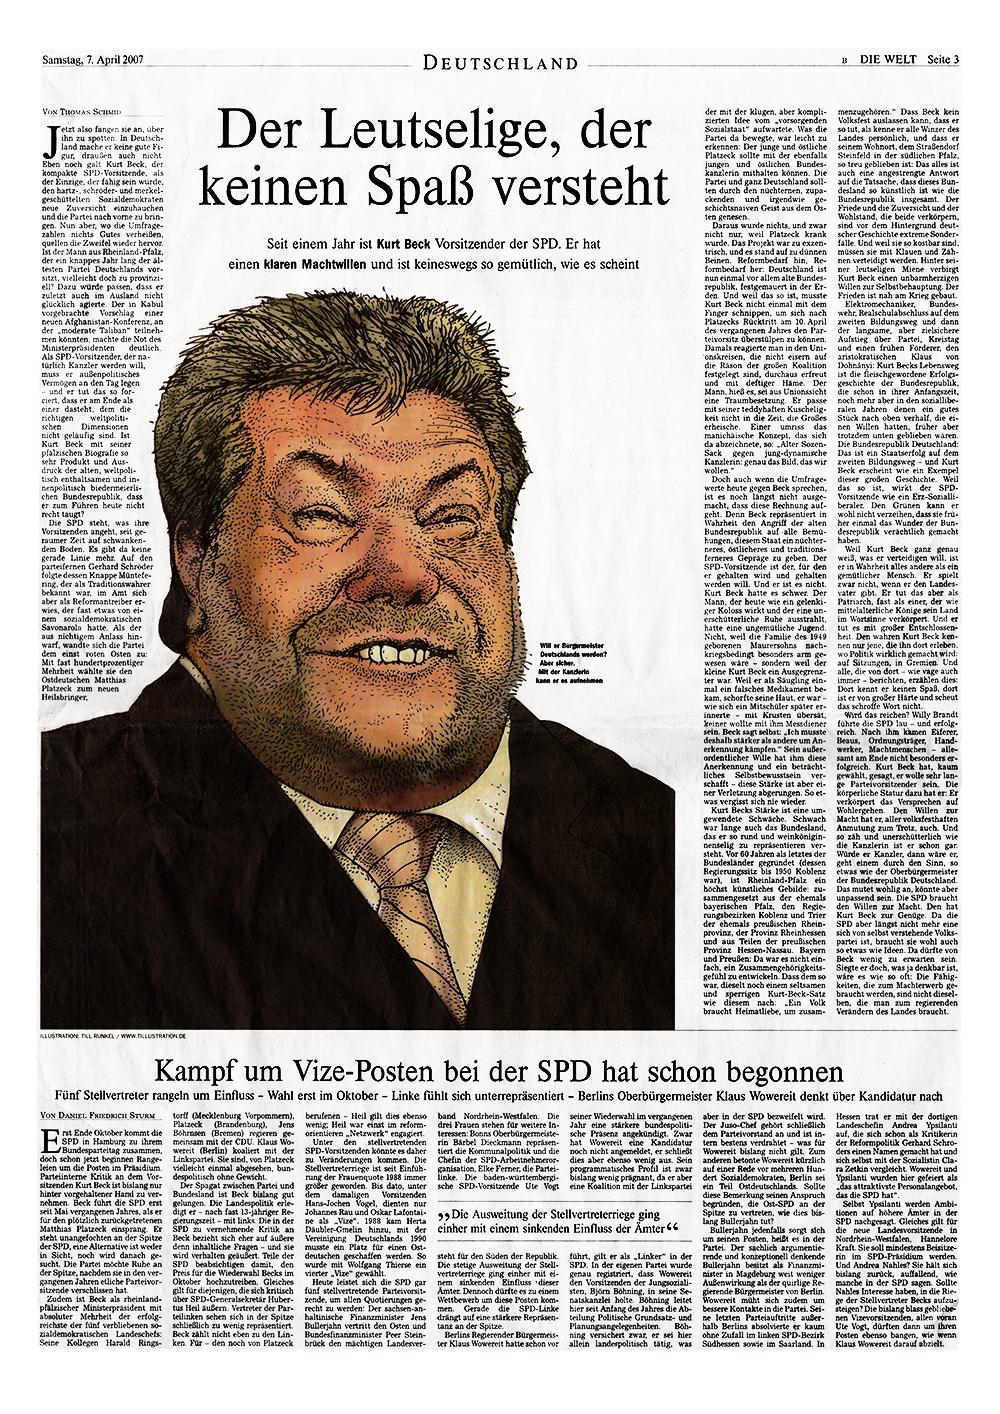 Zeitungskarikatur mit SPD-Politiker Kurt Beck erschienen in der Osterausgabe DIE WELT 2007